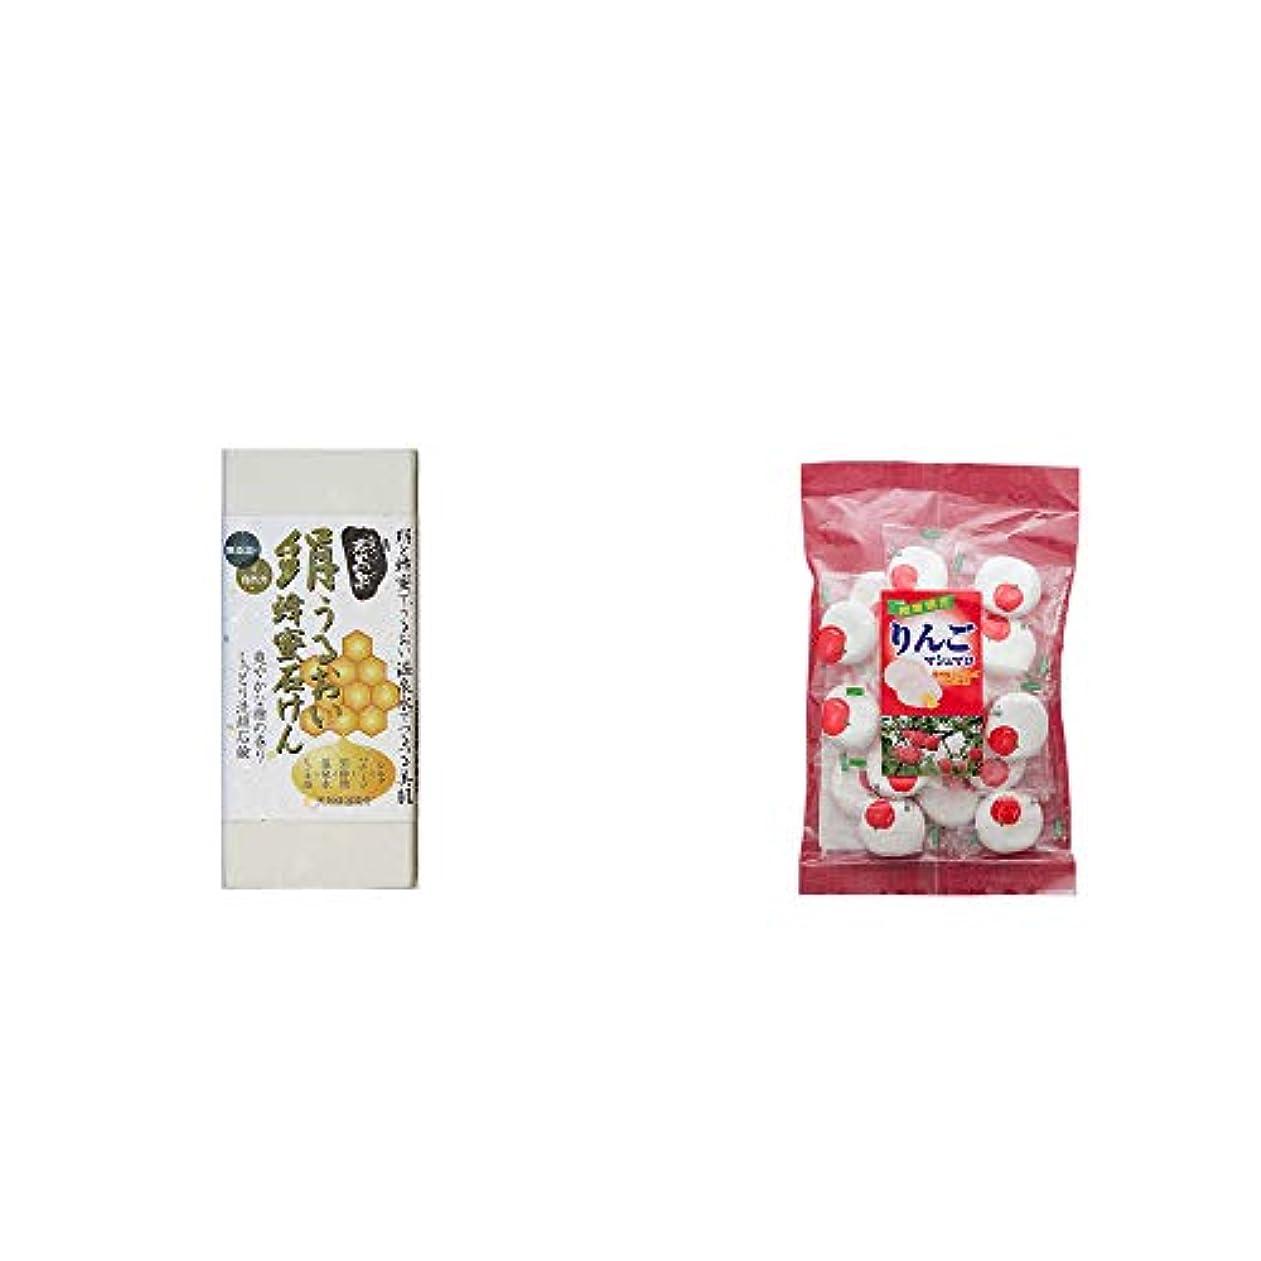 包帯発生する硬さ[2点セット] ひのき炭黒泉 絹うるおい蜂蜜石けん(75g×2)?信州りんご100%使用 りんごマシュマロ(110g)